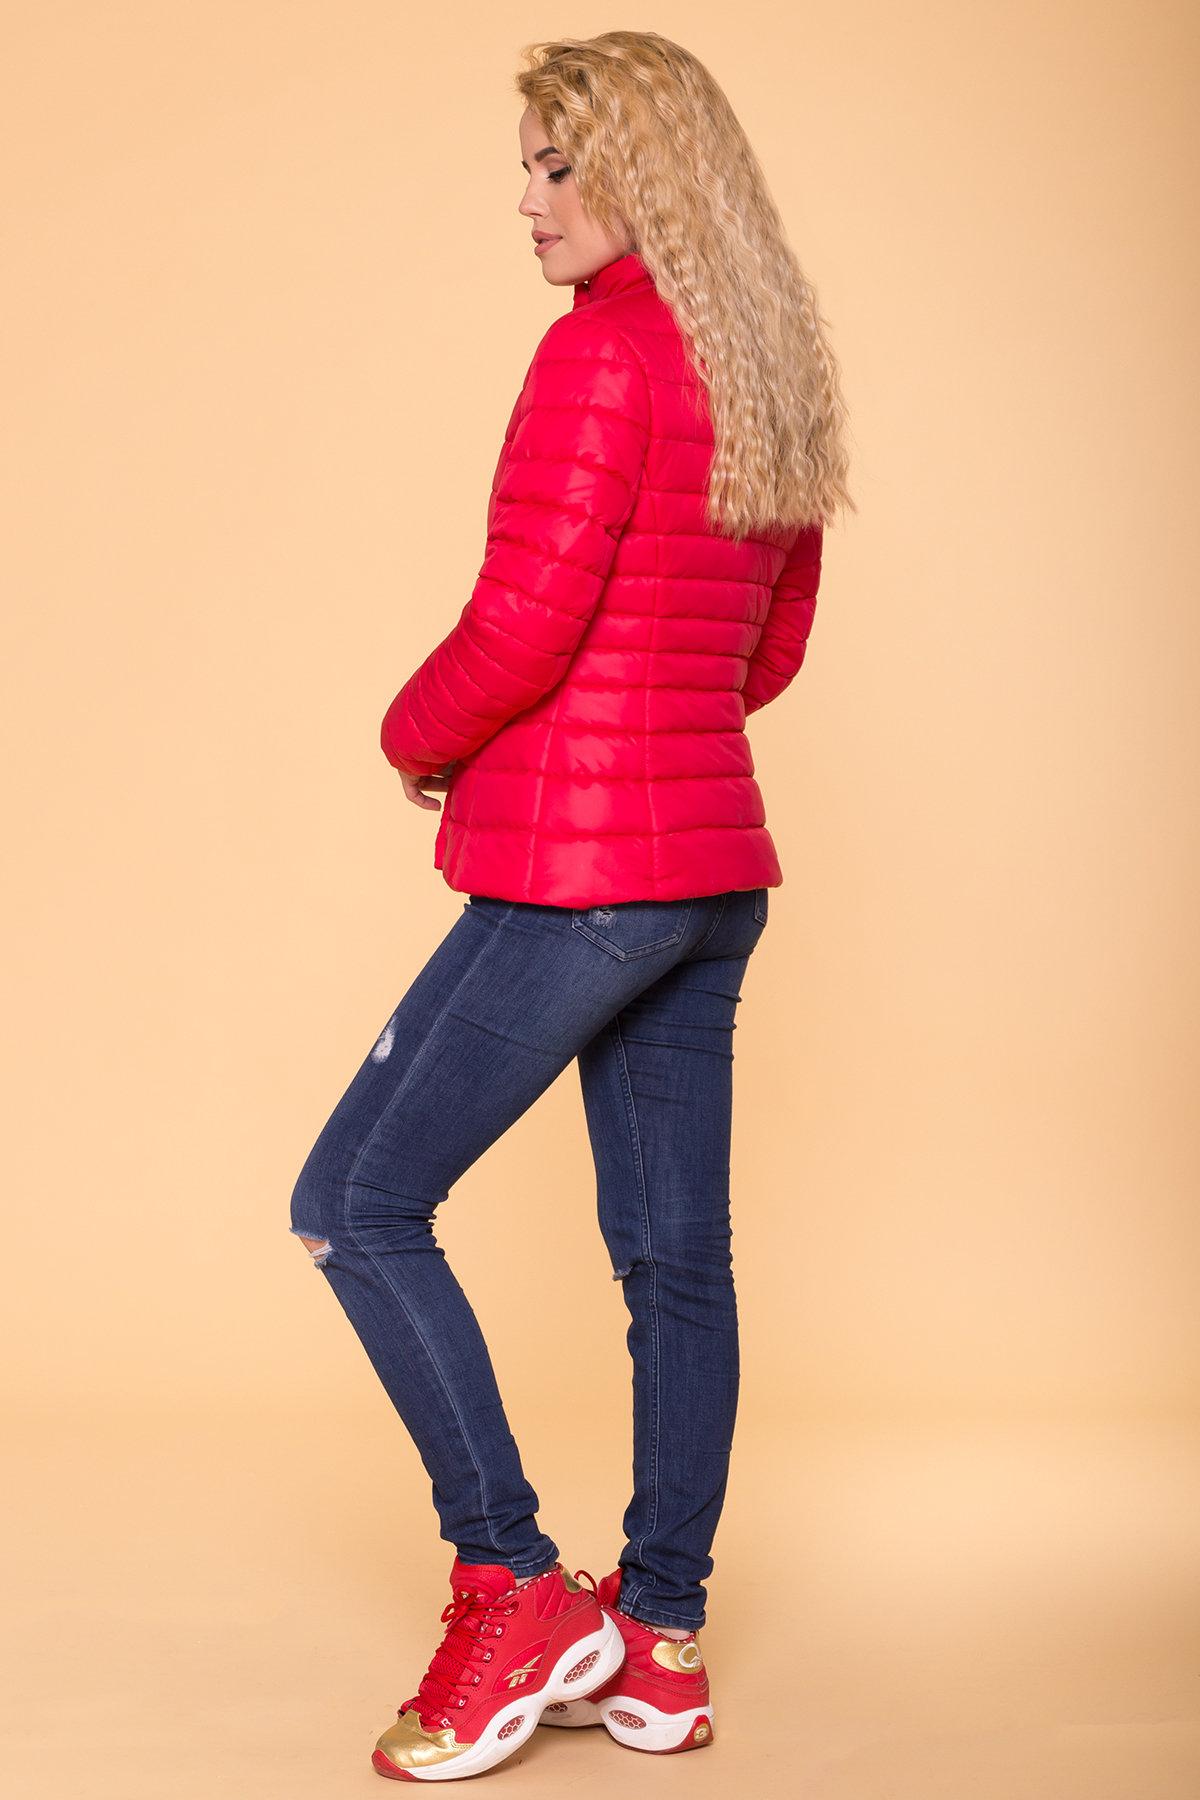 Куртка приталенная Лоррейн Лаке 6778 АРТ. 41904 Цвет: Красный - фото 2, интернет магазин tm-modus.ru